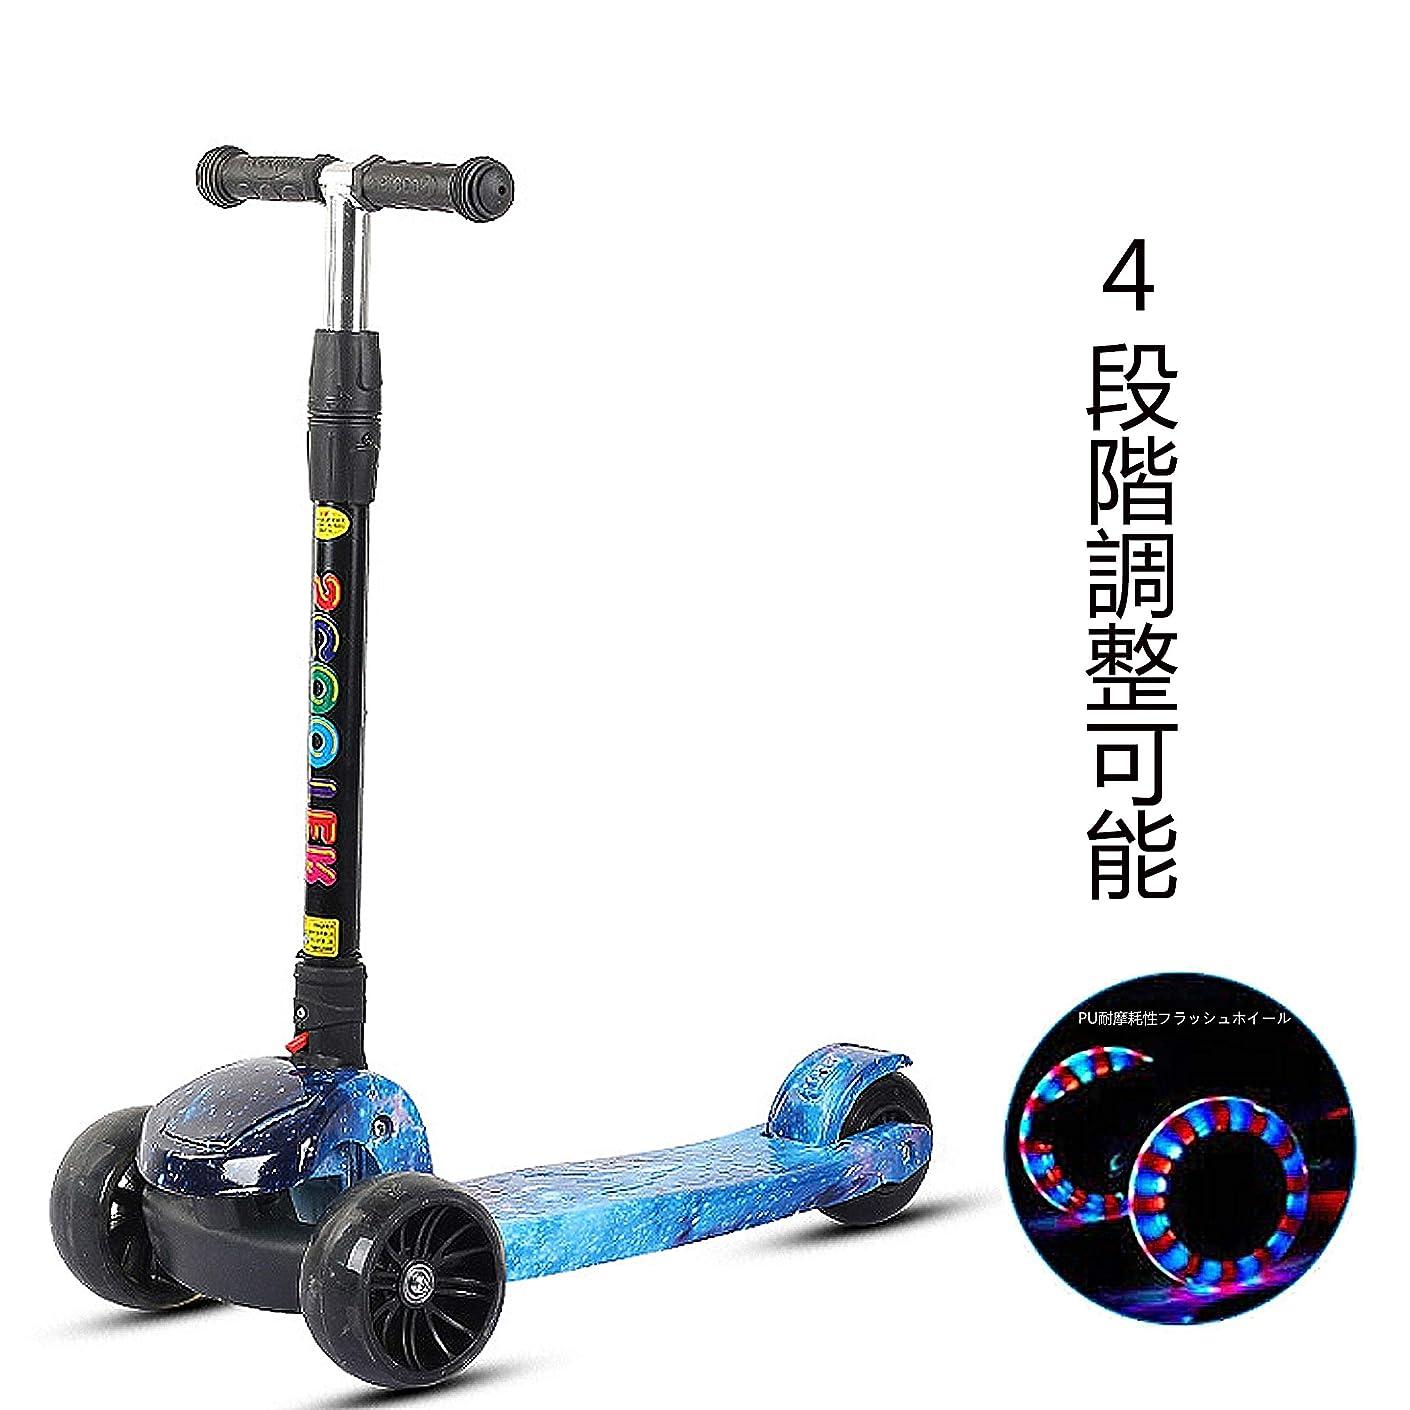 最少興味散文AKOZLIN キックボード 子供用 折り畳み可能 キックスクーター 光る 三輪車 3輪 3-10歳に向け 4段階調整可能 光るホイール 軽い 後輪ブレーキ 静音 組立不要 ブルー ギフトに最適